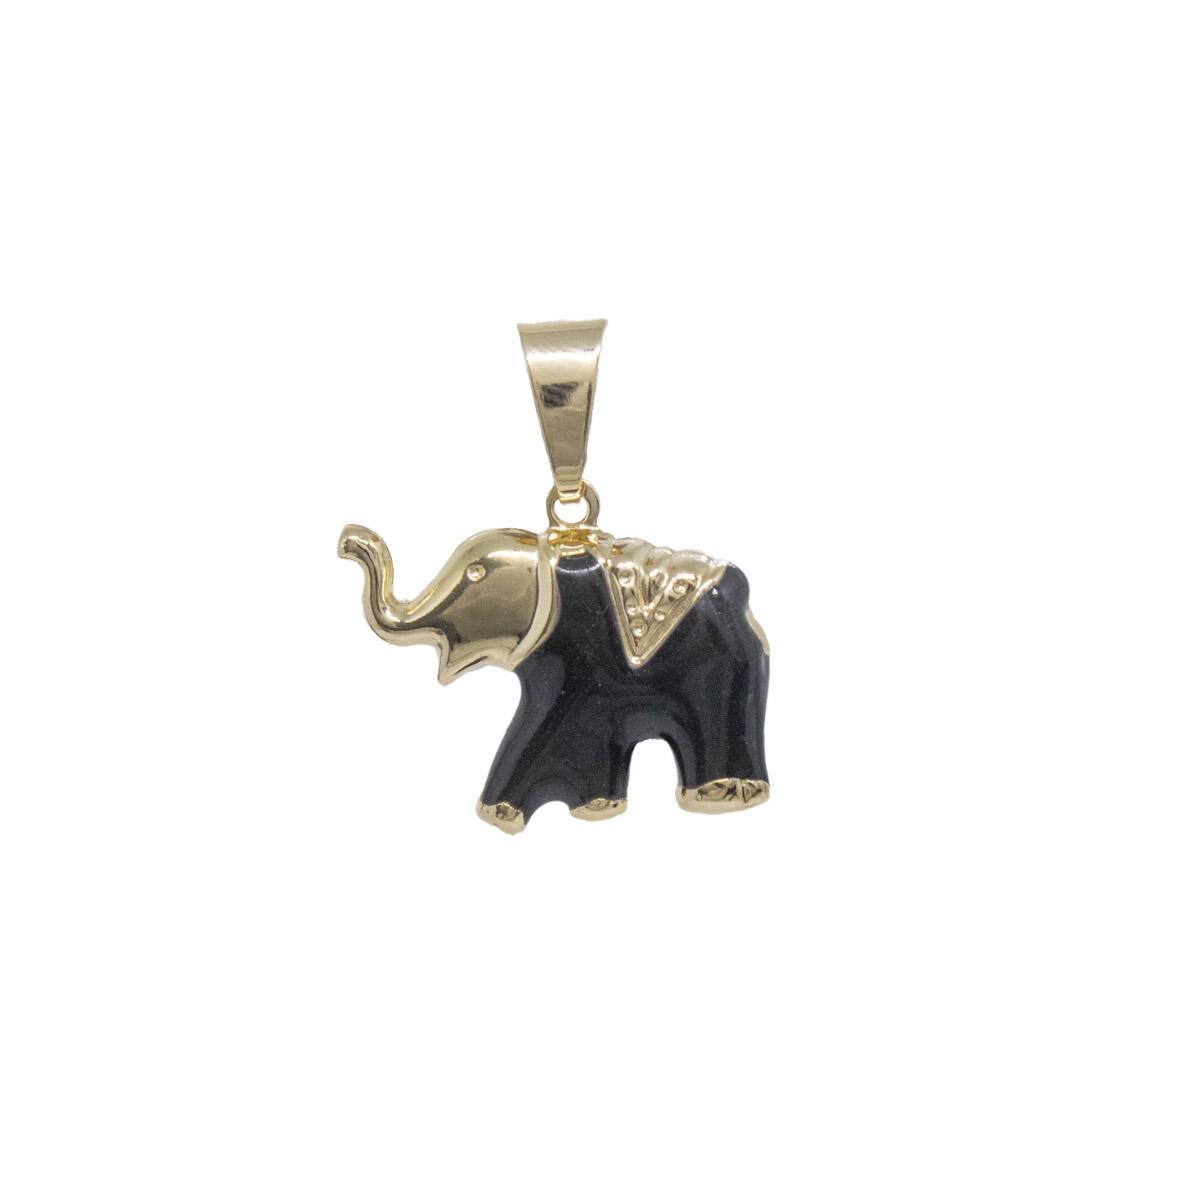 Pingente folheado a ouro ou prata e verniz Elefante resinado